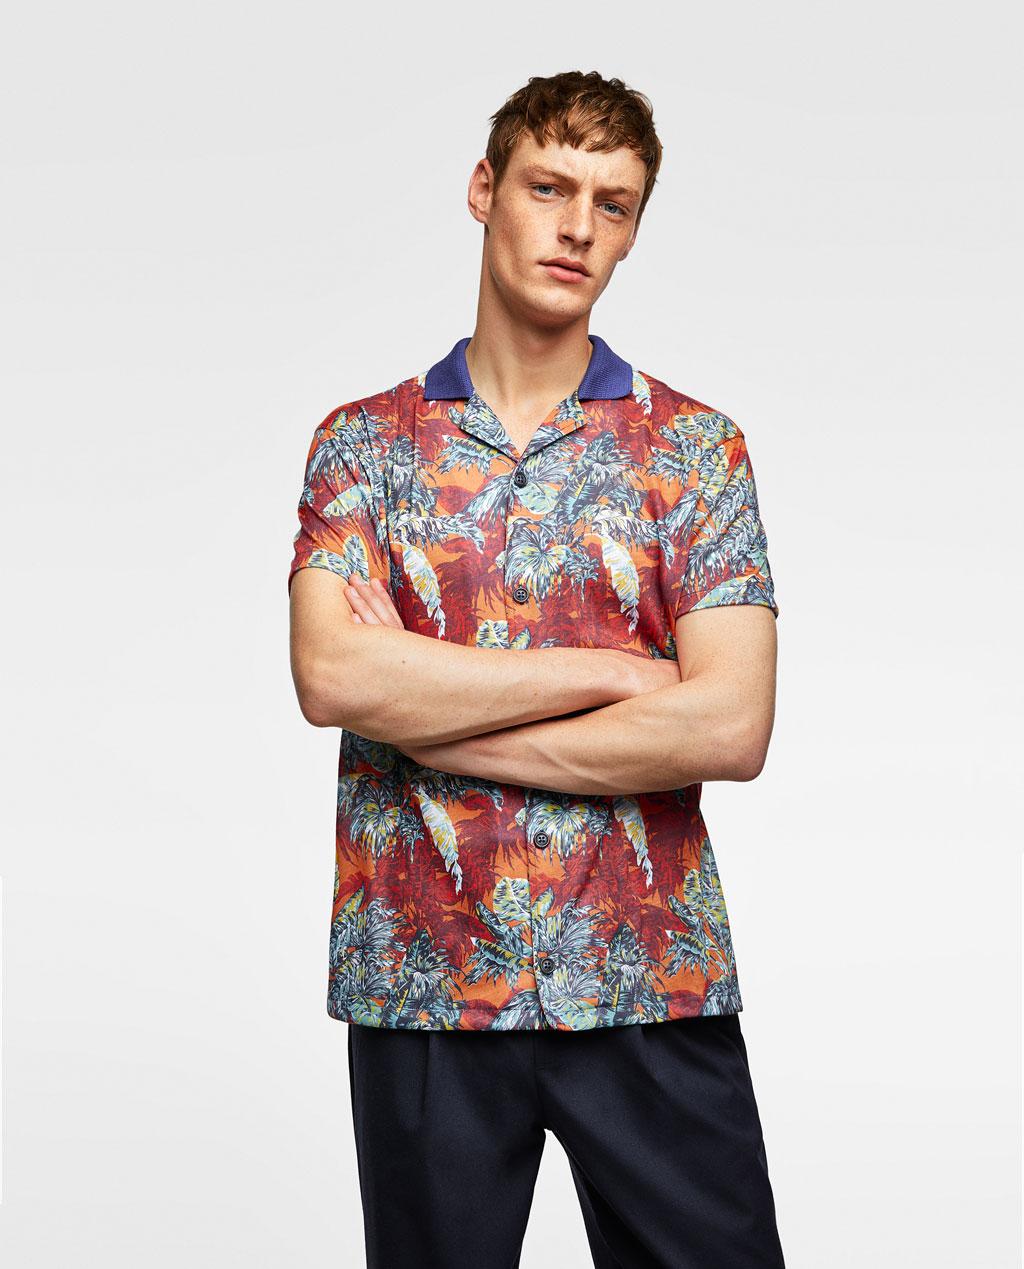 Thời trang nam Zara  24026 - ảnh 4